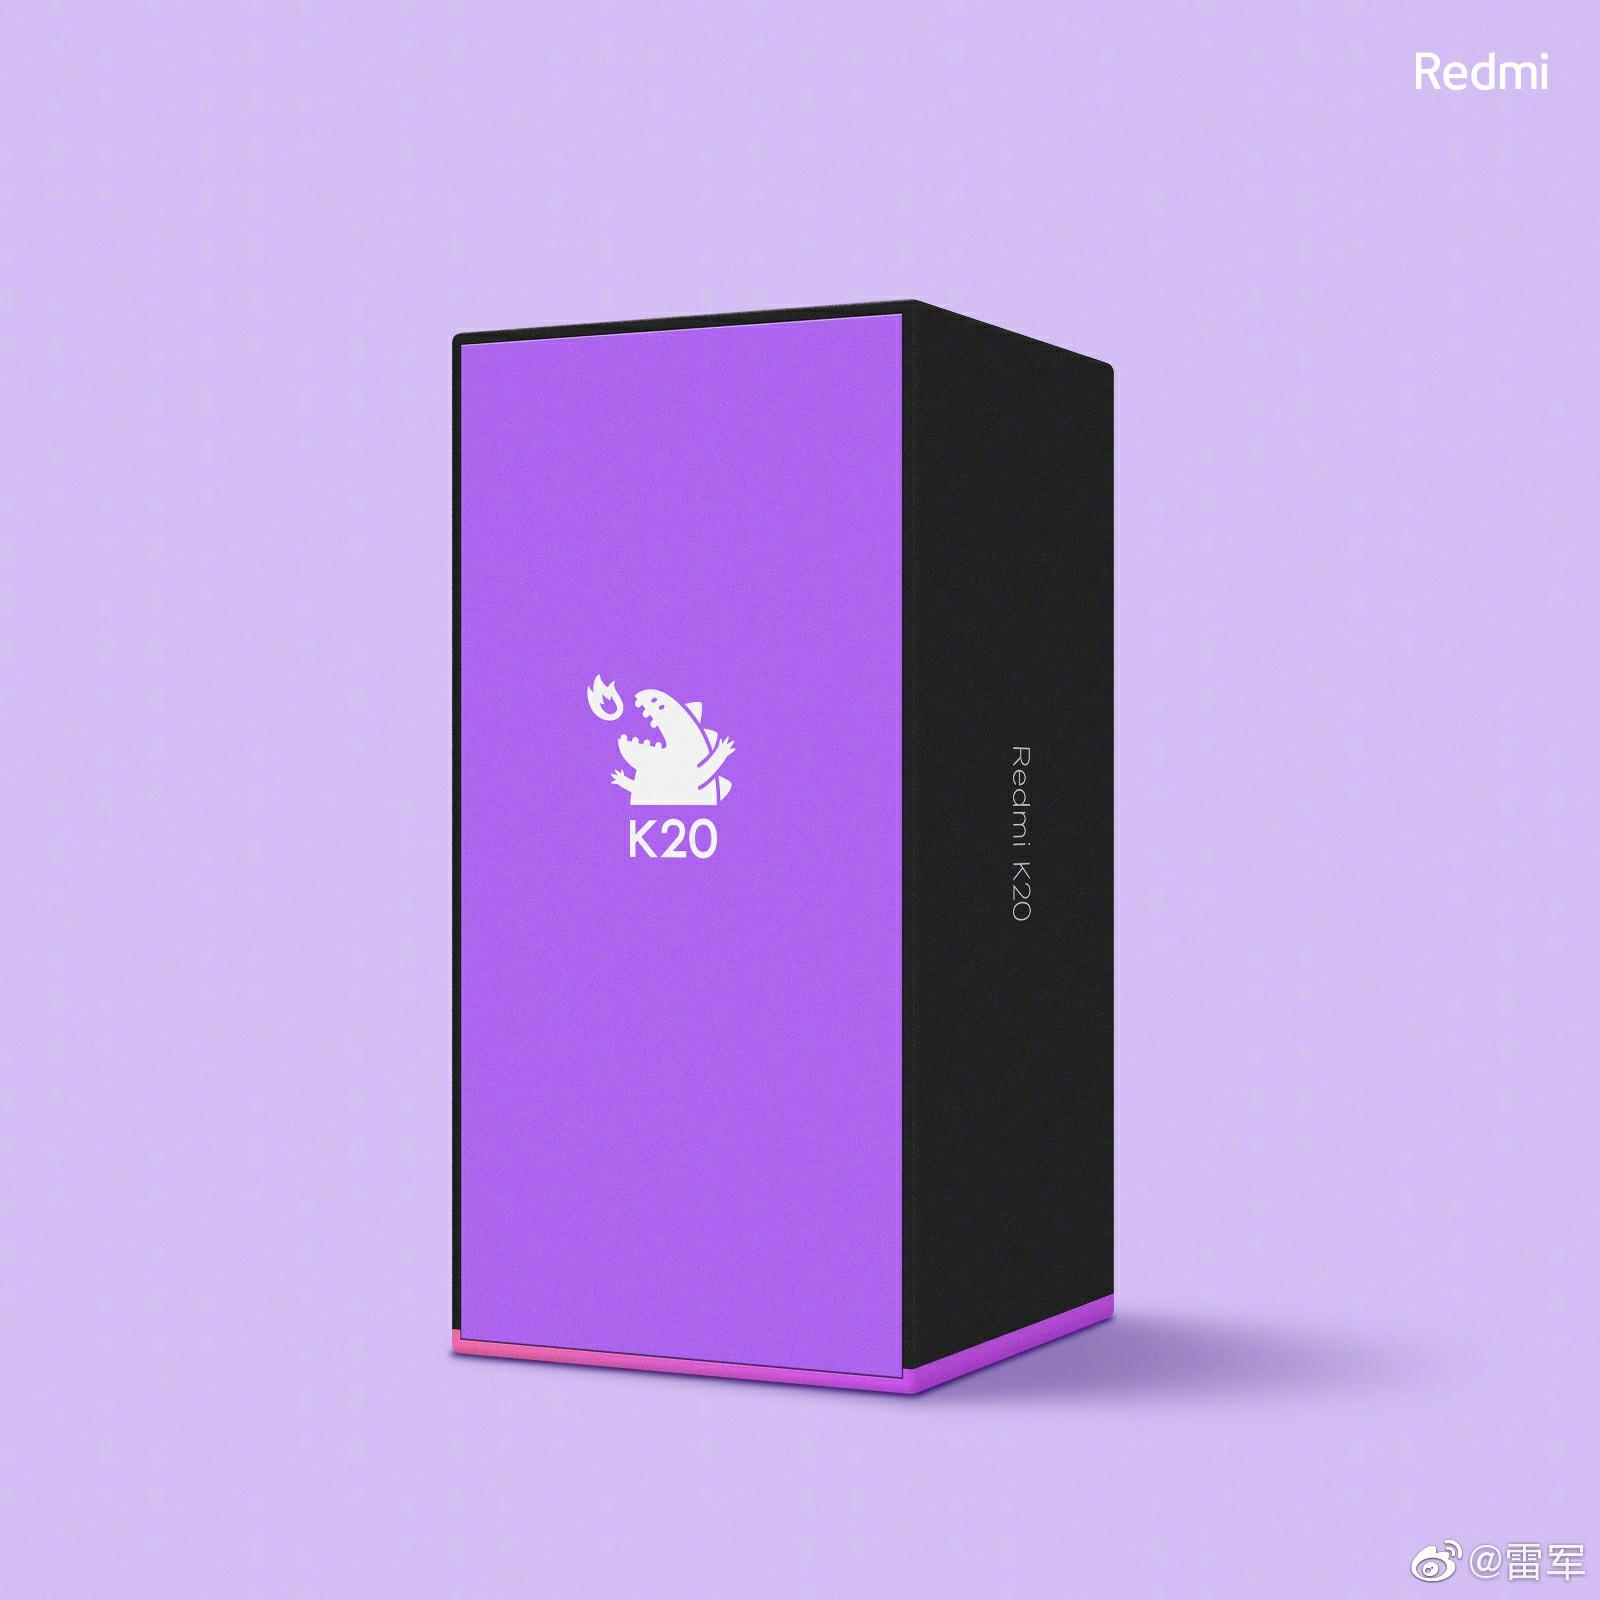 Redmi K20 Retail Box